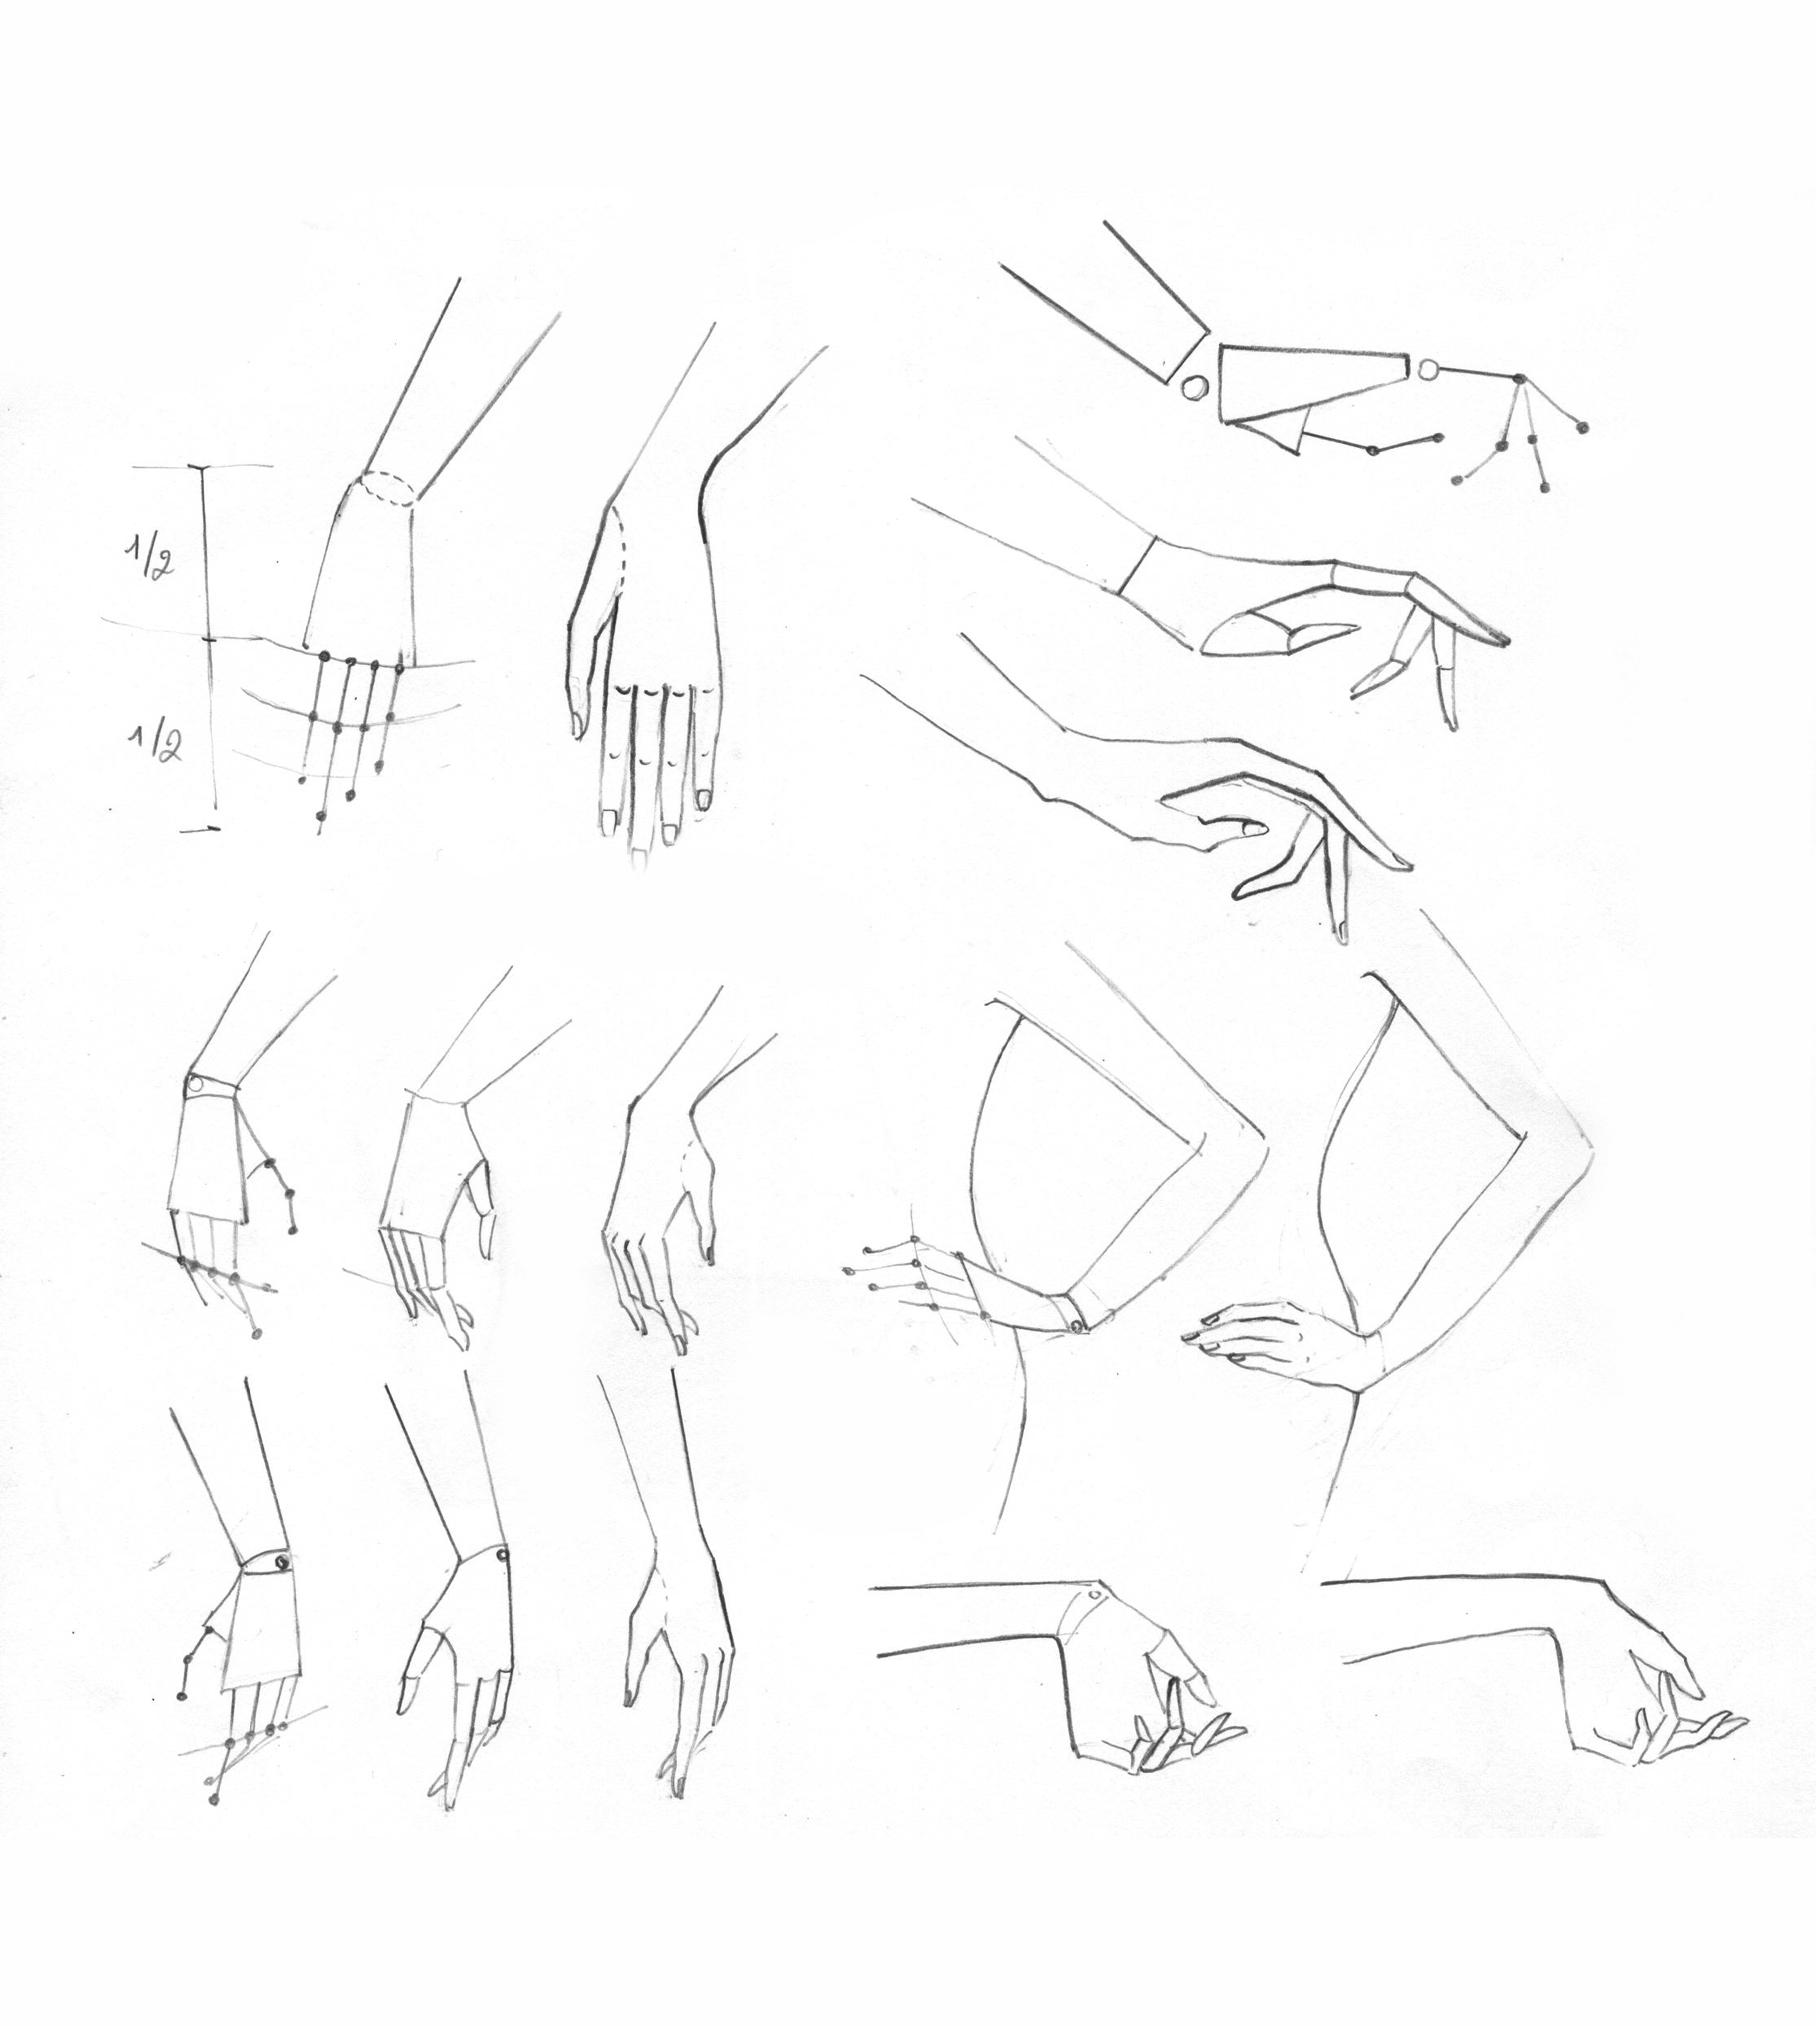 Buổi 6: Cách vẽ bàn tay - + Tỷ lệ bàn tay+ Vẽ bàn tay theo tư duy thời trang+ Vẽ bàn tay theo nhìều góc nhìn khác nhau+ Vẽ bàn tay chống hông, tay cầm túi xách, tay cầm kính mát.